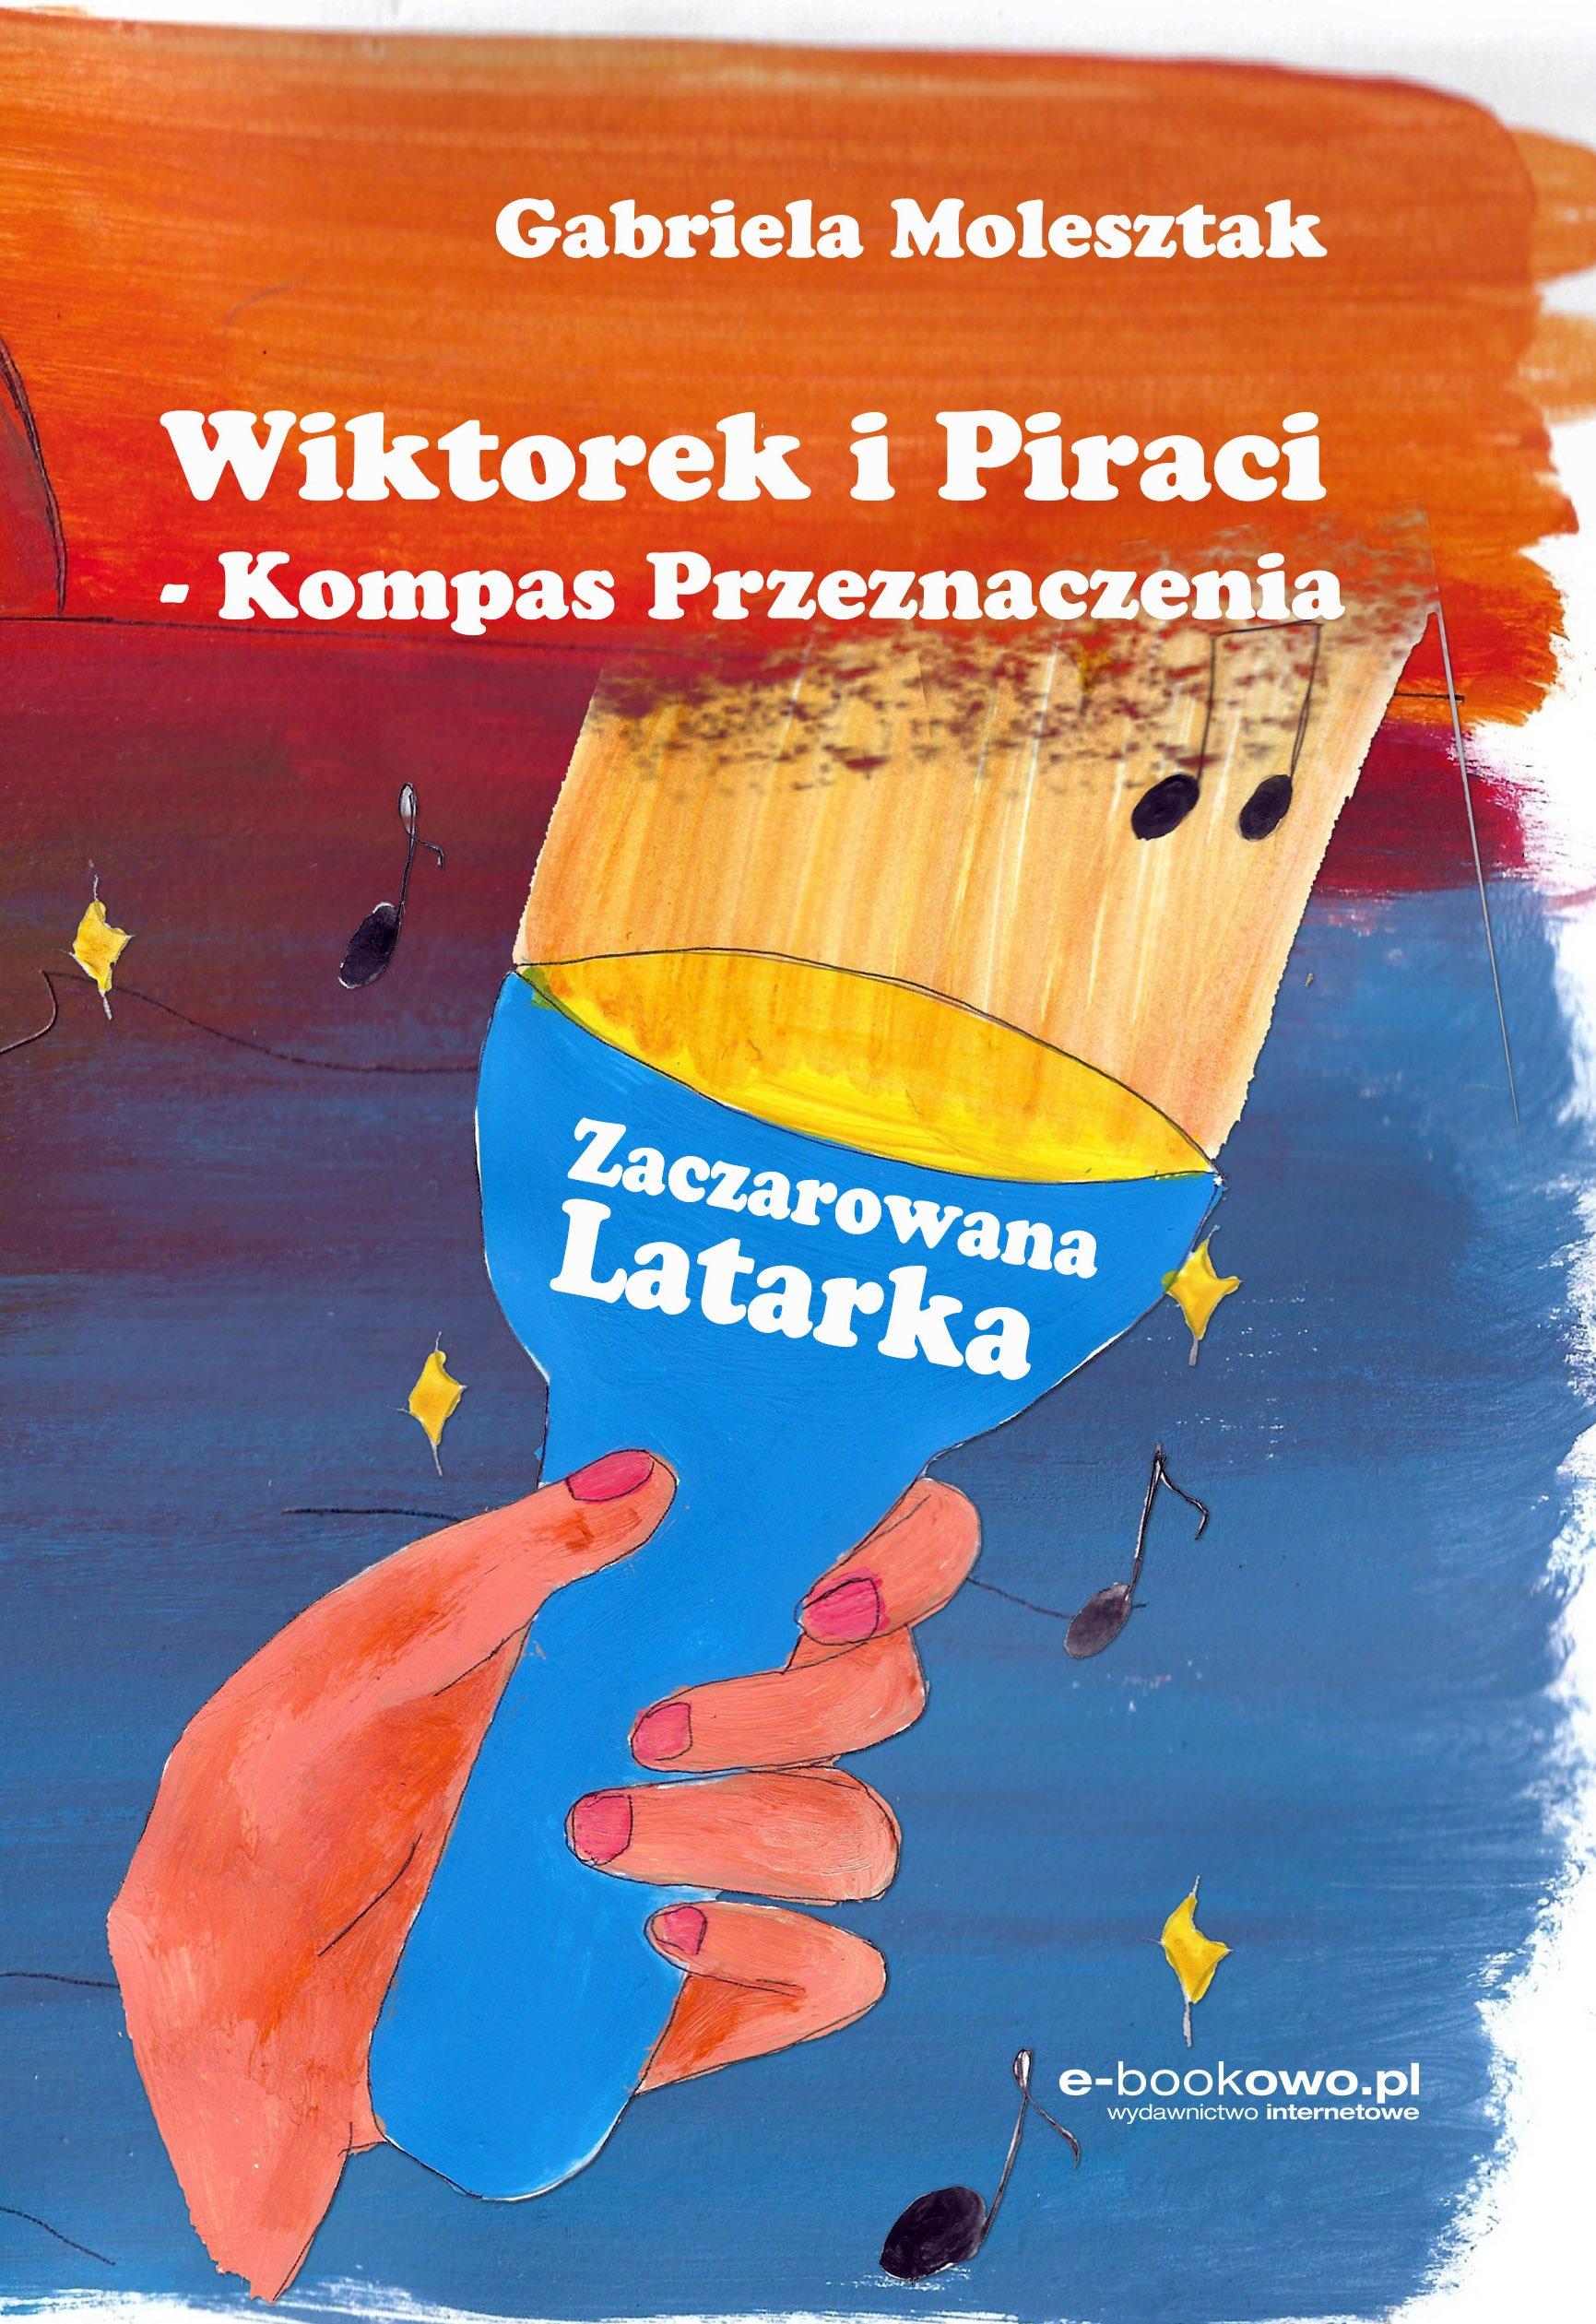 Wiktorek i Piraci - Kompas Przeznaczenia: Zaczarowana latarka